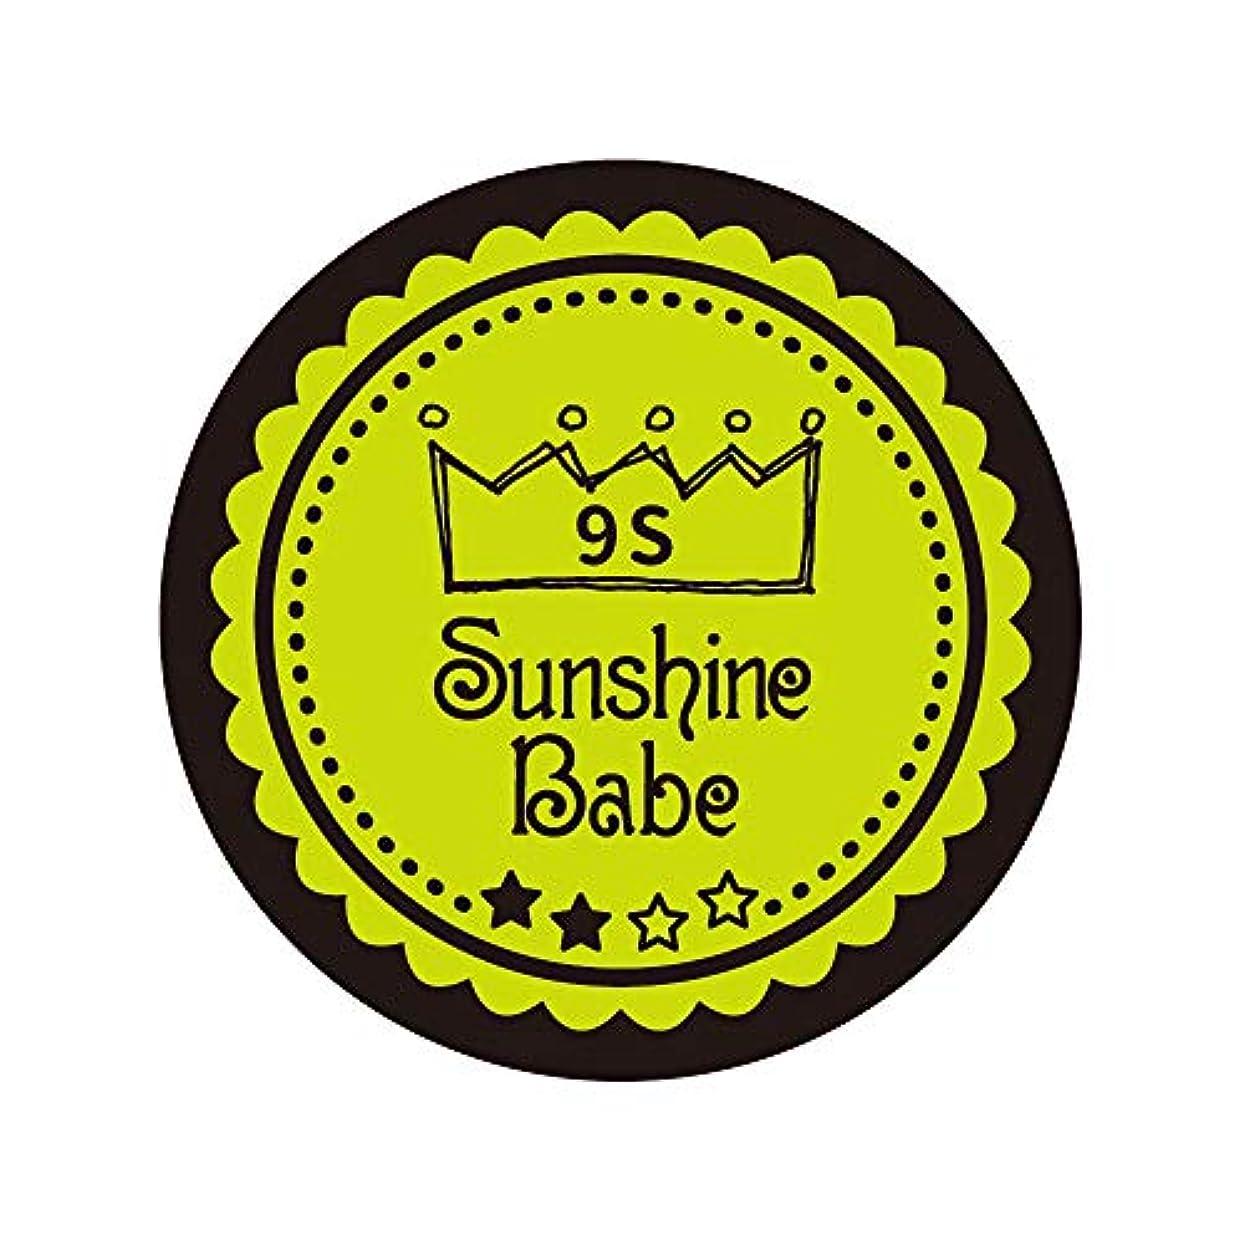 見積り混合肩をすくめるSunshine Babe カラージェル 9S ライムパンチ 2.7g UV/LED対応